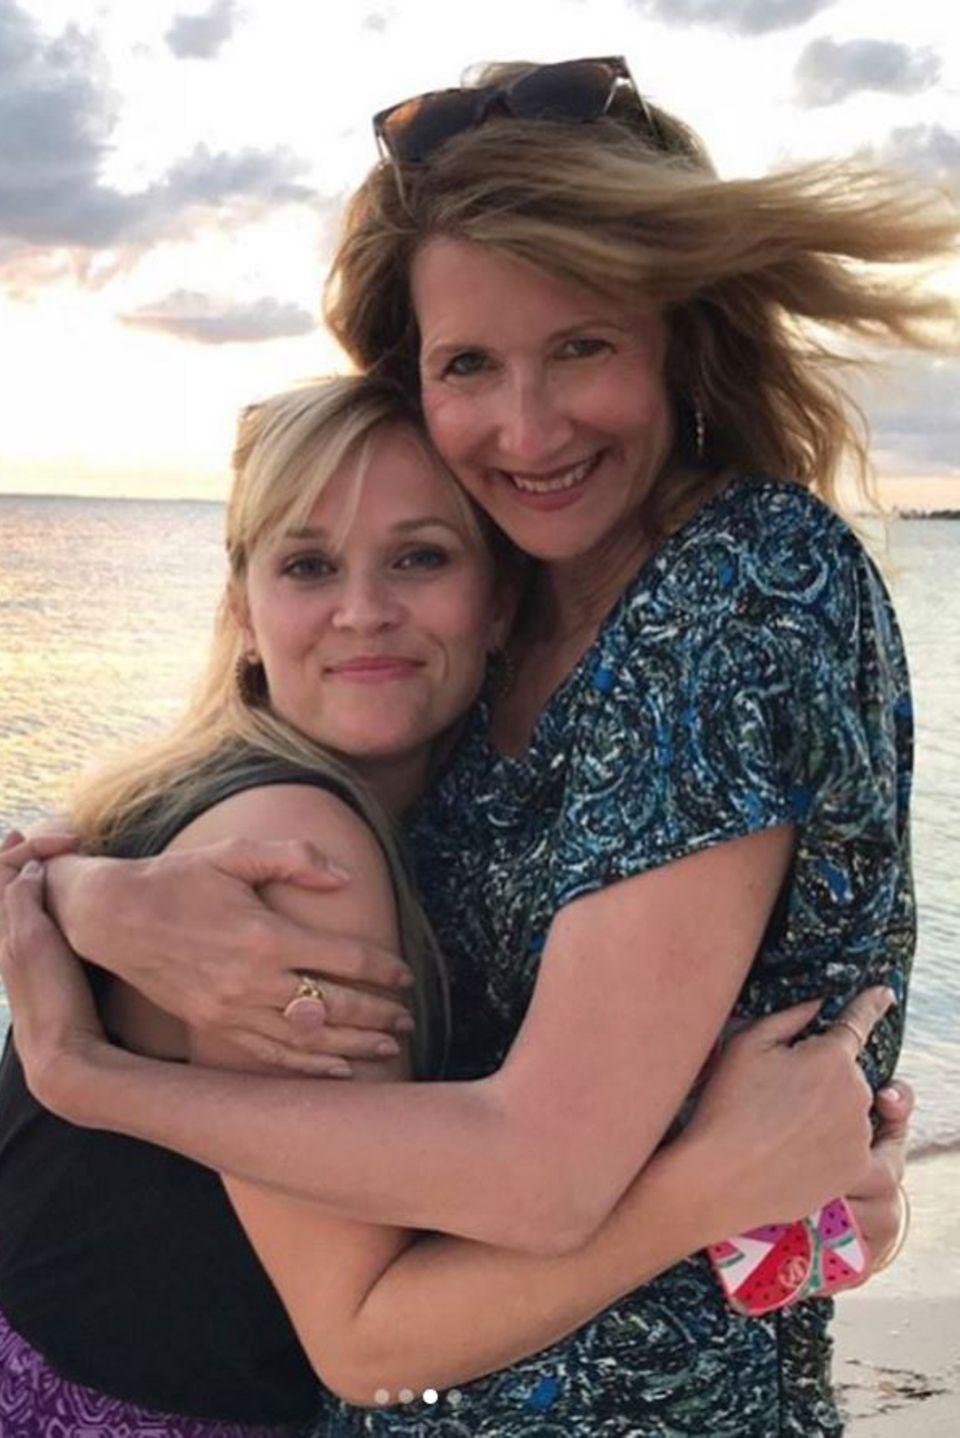 """Reese Witherspoon und Laura Dern   Zusammen genießen Reese Witherspoon und Laura Dern den Sonnenuntergang und Wein. Die """"Big Little Lies""""-Darstellerinnen verstehen sich blendend, wie die Fotos zeigen."""